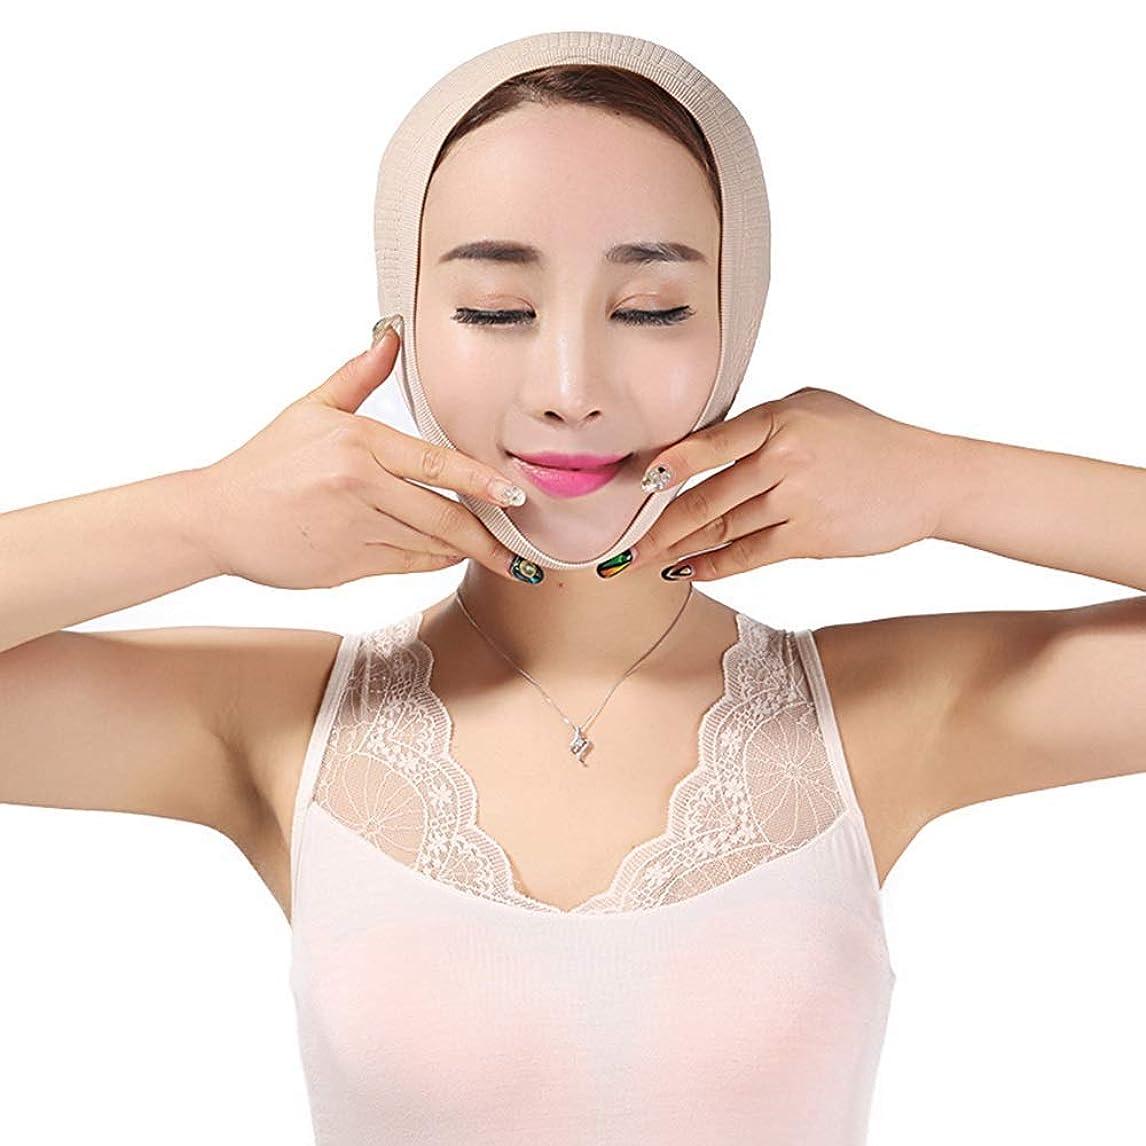 打ち上げる隠尋ねる薄い顔の器械のマスクの改装の包帯Vの表面持ち上がることの引き締めの美顔術の二重最大の顔のマッサージャー